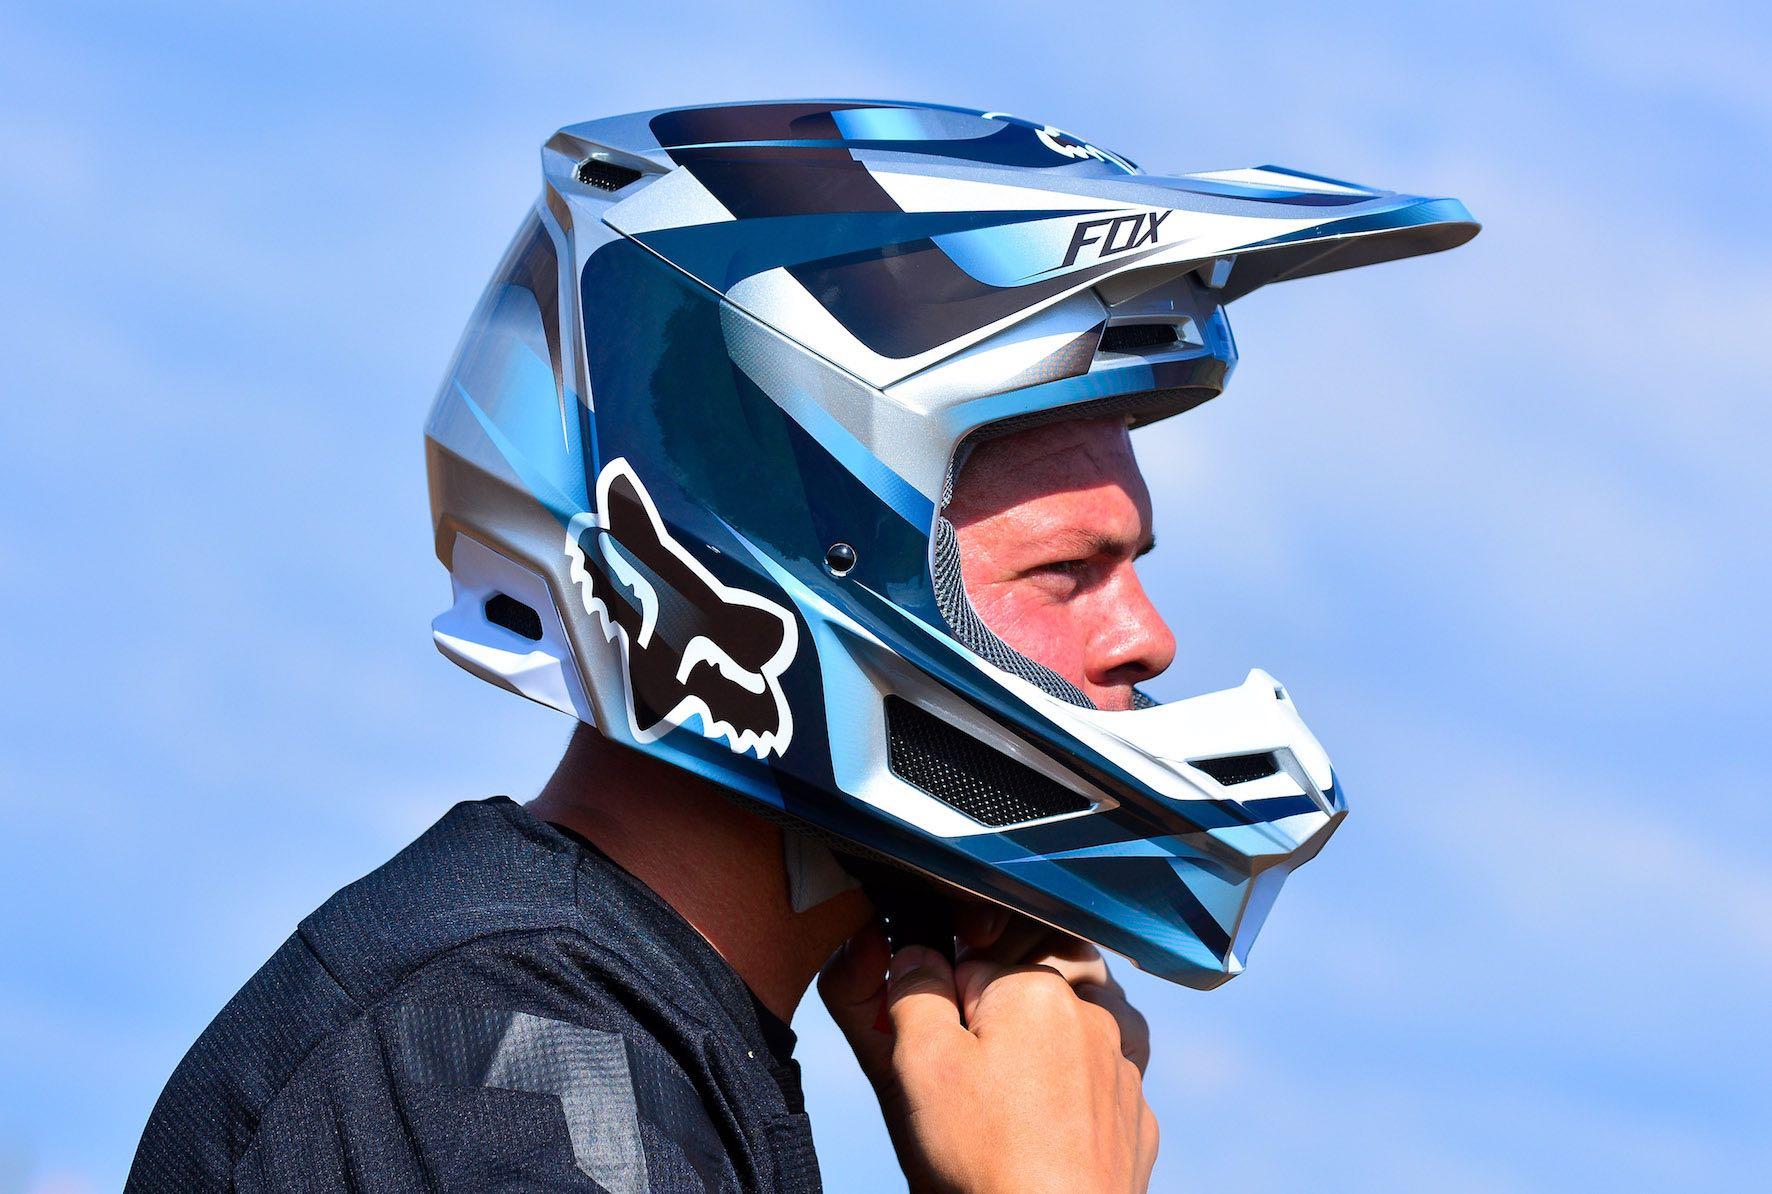 We review the all-new Fox V1 Motocross Helmet